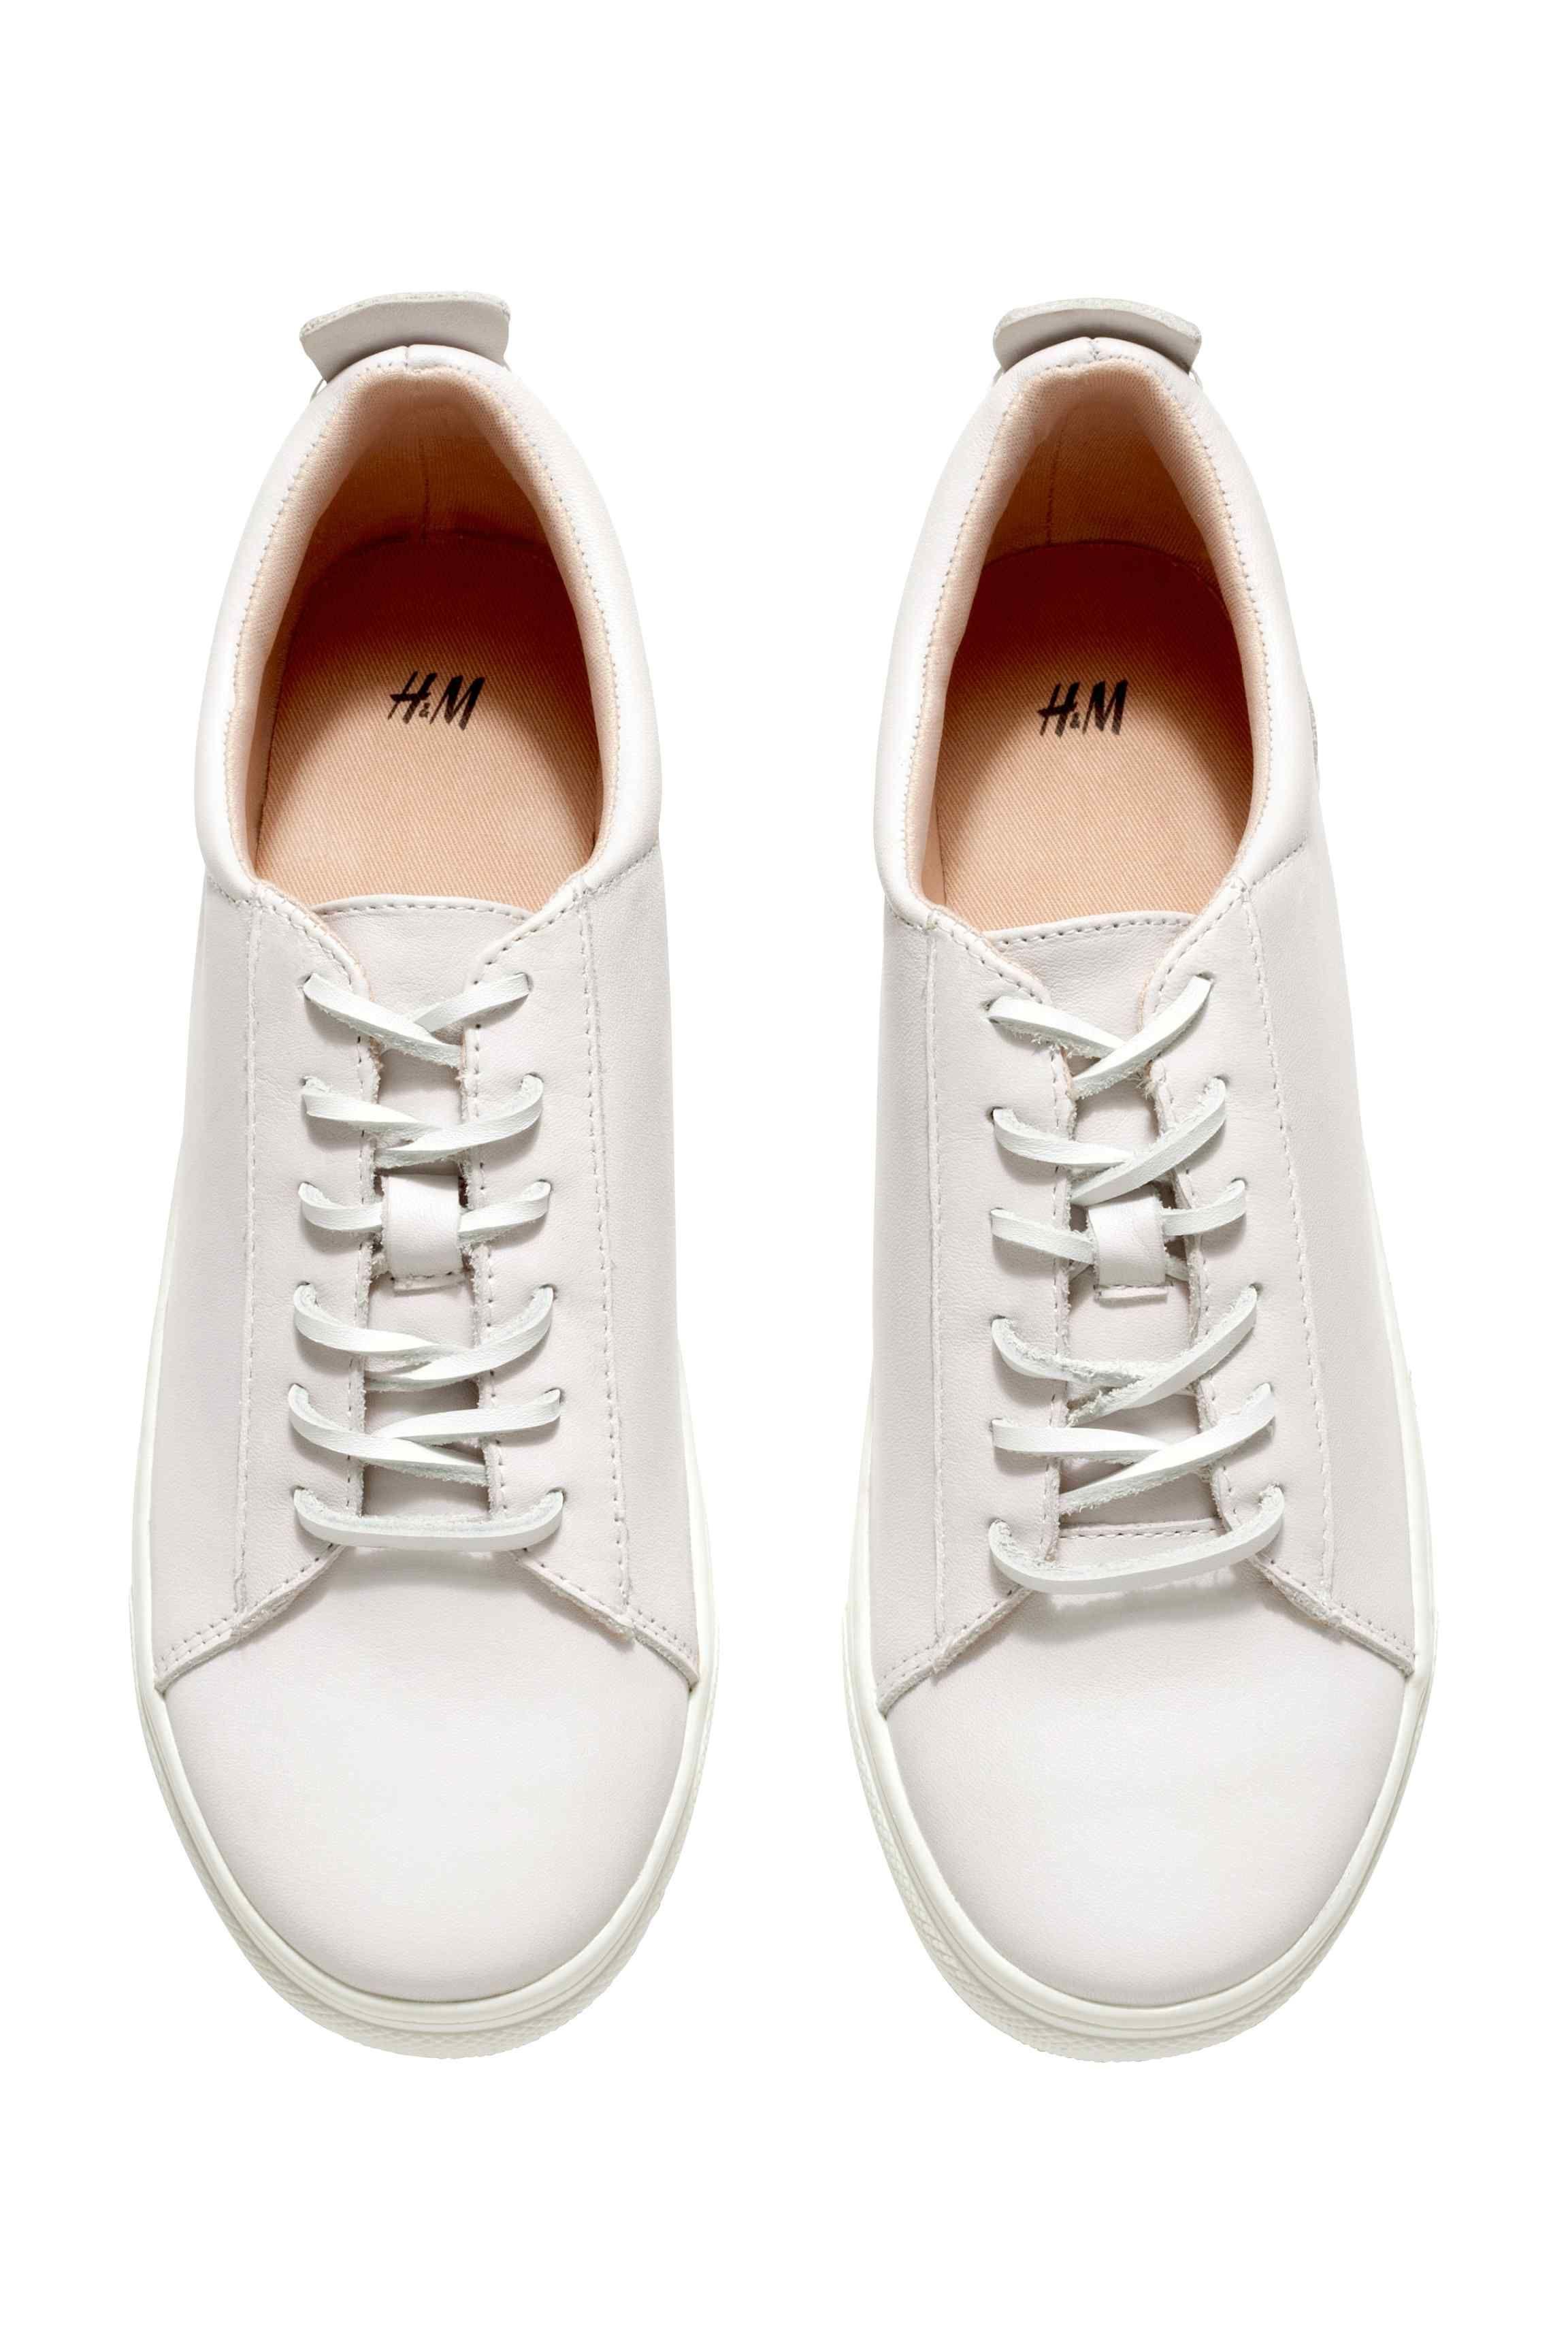 Skorzane Buty Sportowe White Leather Sneakers Leather Sneakers Sneakers